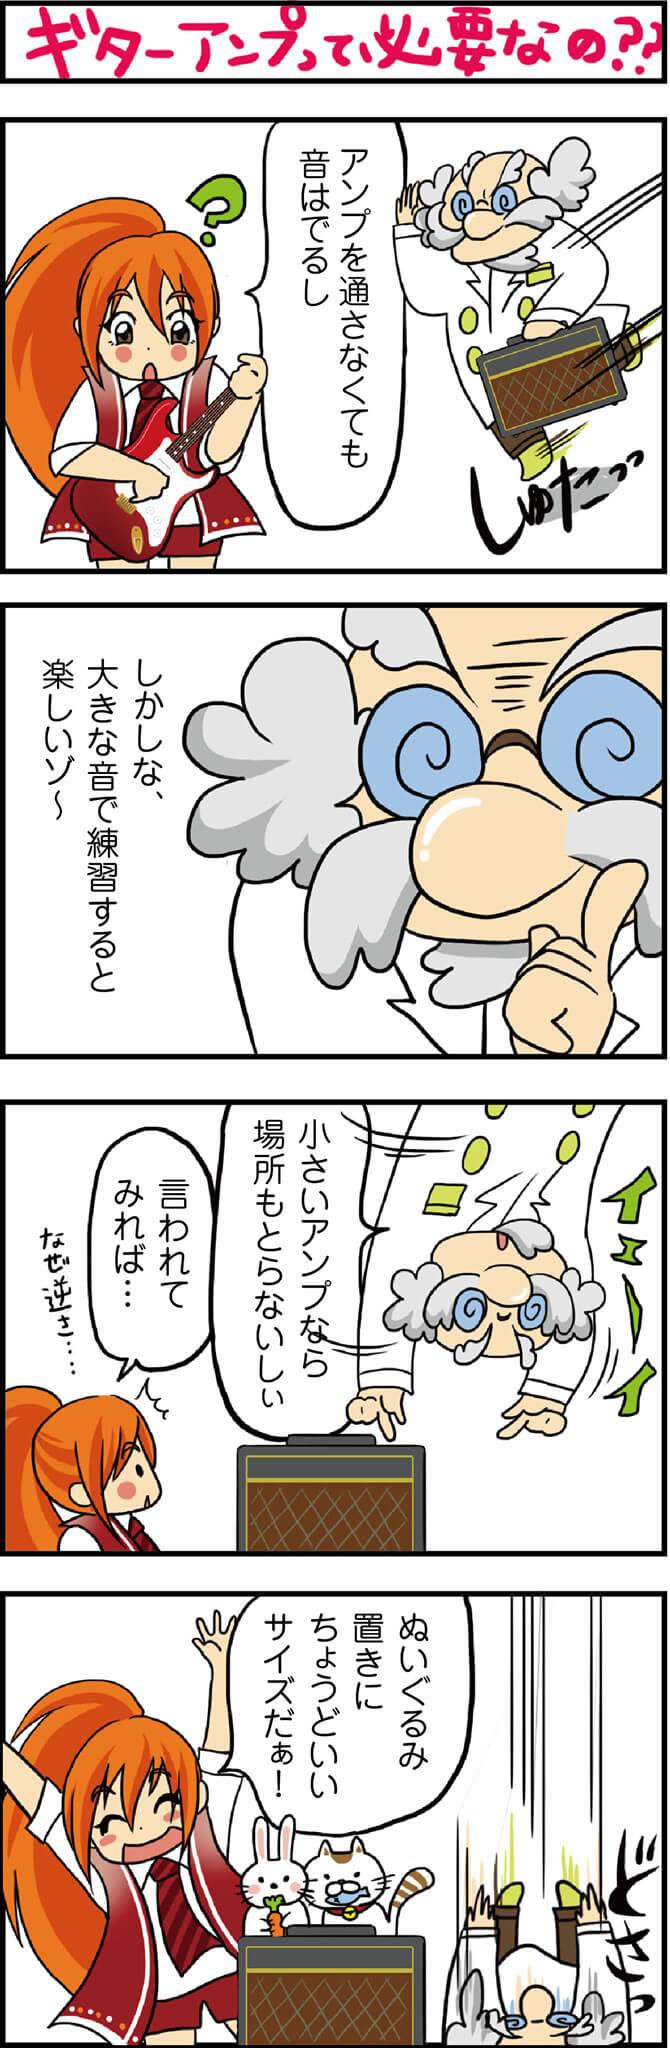 【4コマ漫画】ギターアンプって必要なの?